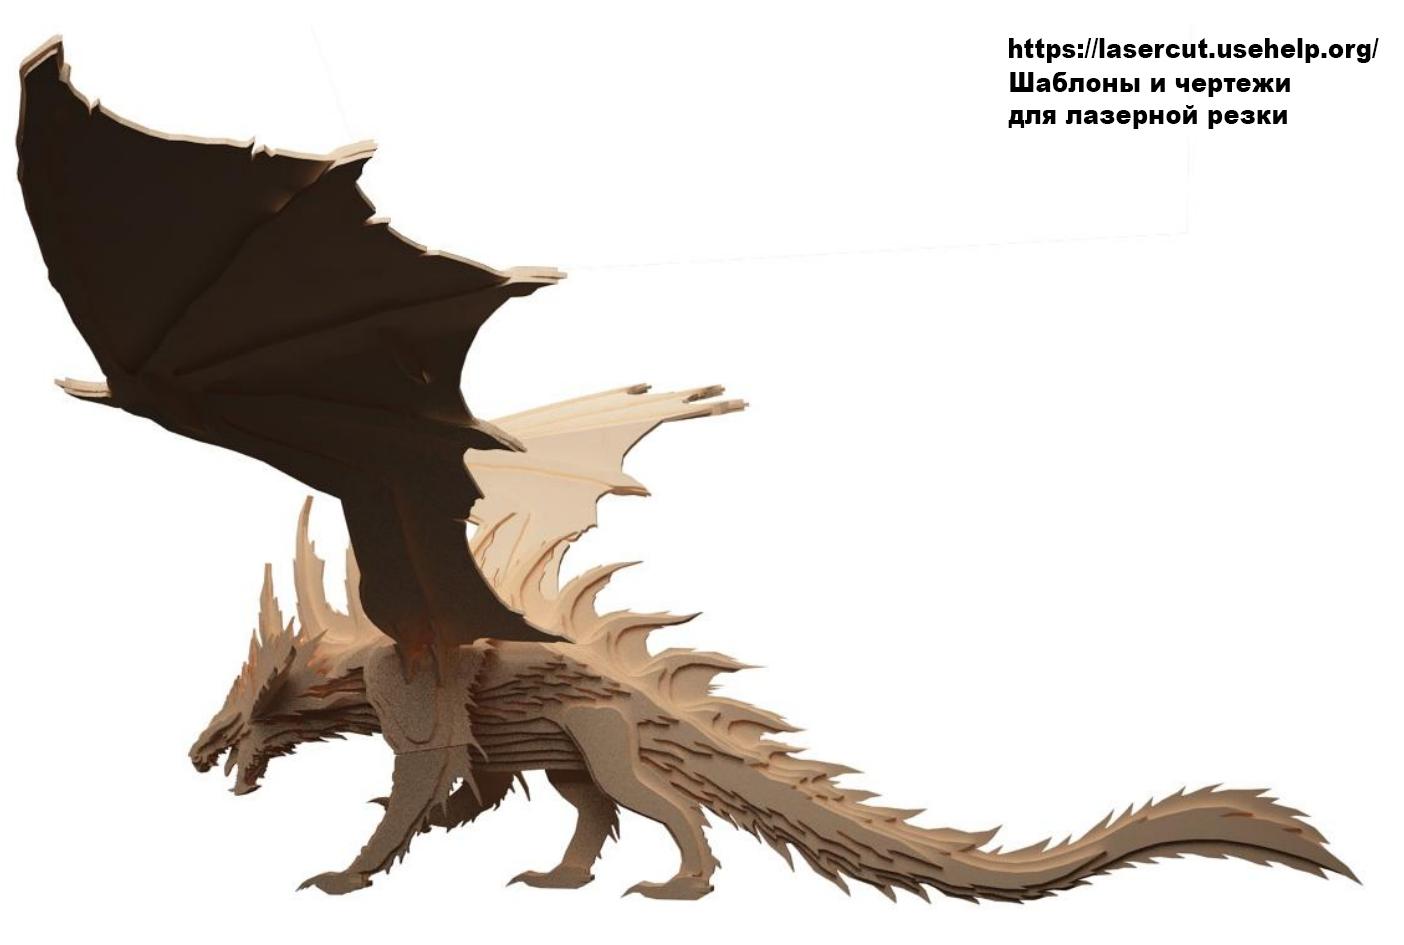 Чертеж дракона для лазерной резки